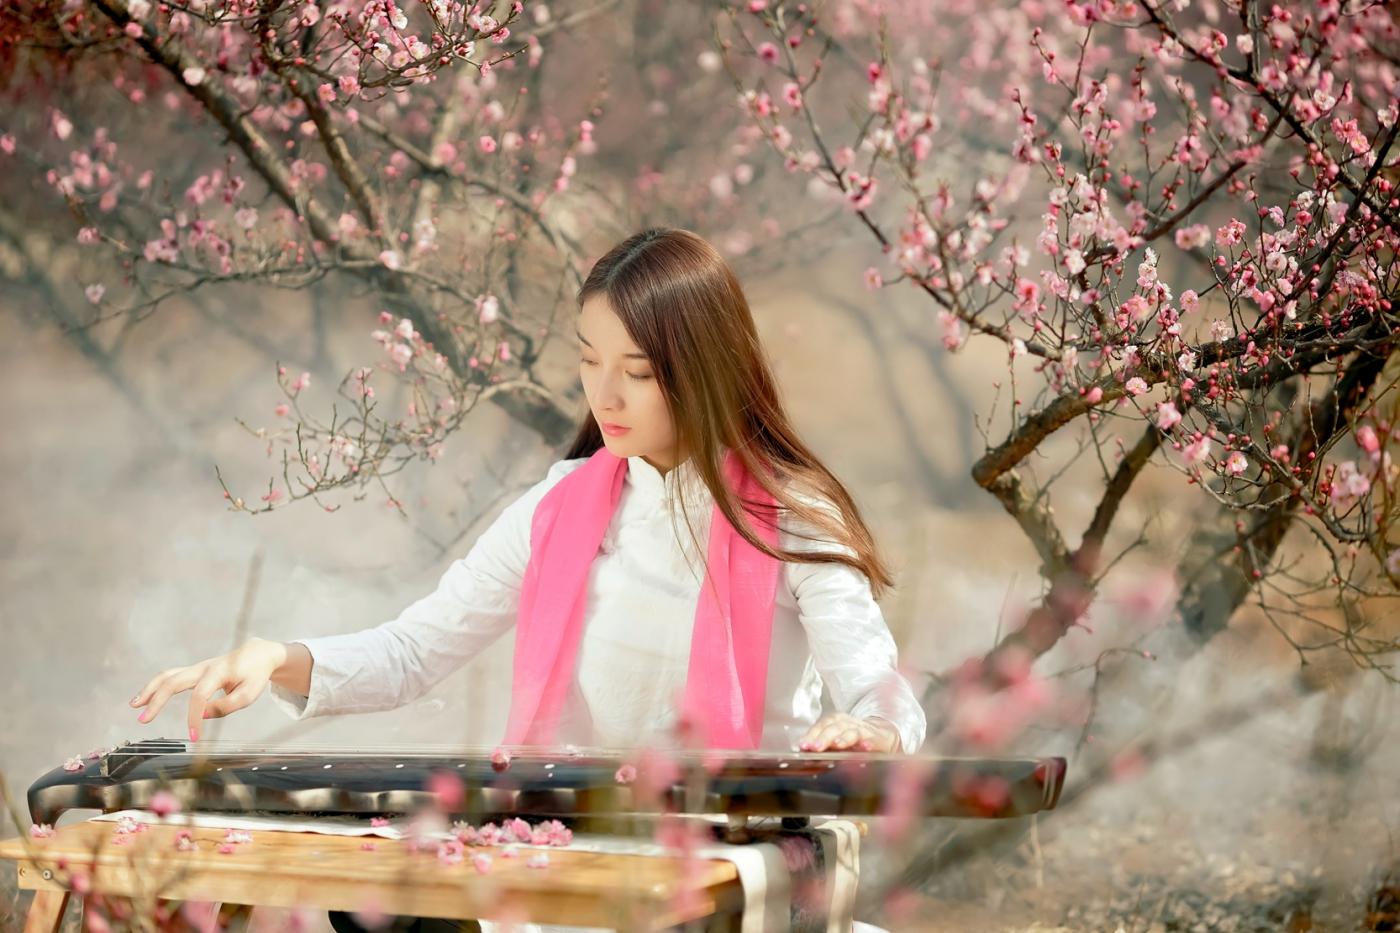 费县的春天从鲜花烂漫的梅林和女孩张诗奇的偶遇开始_图1-6